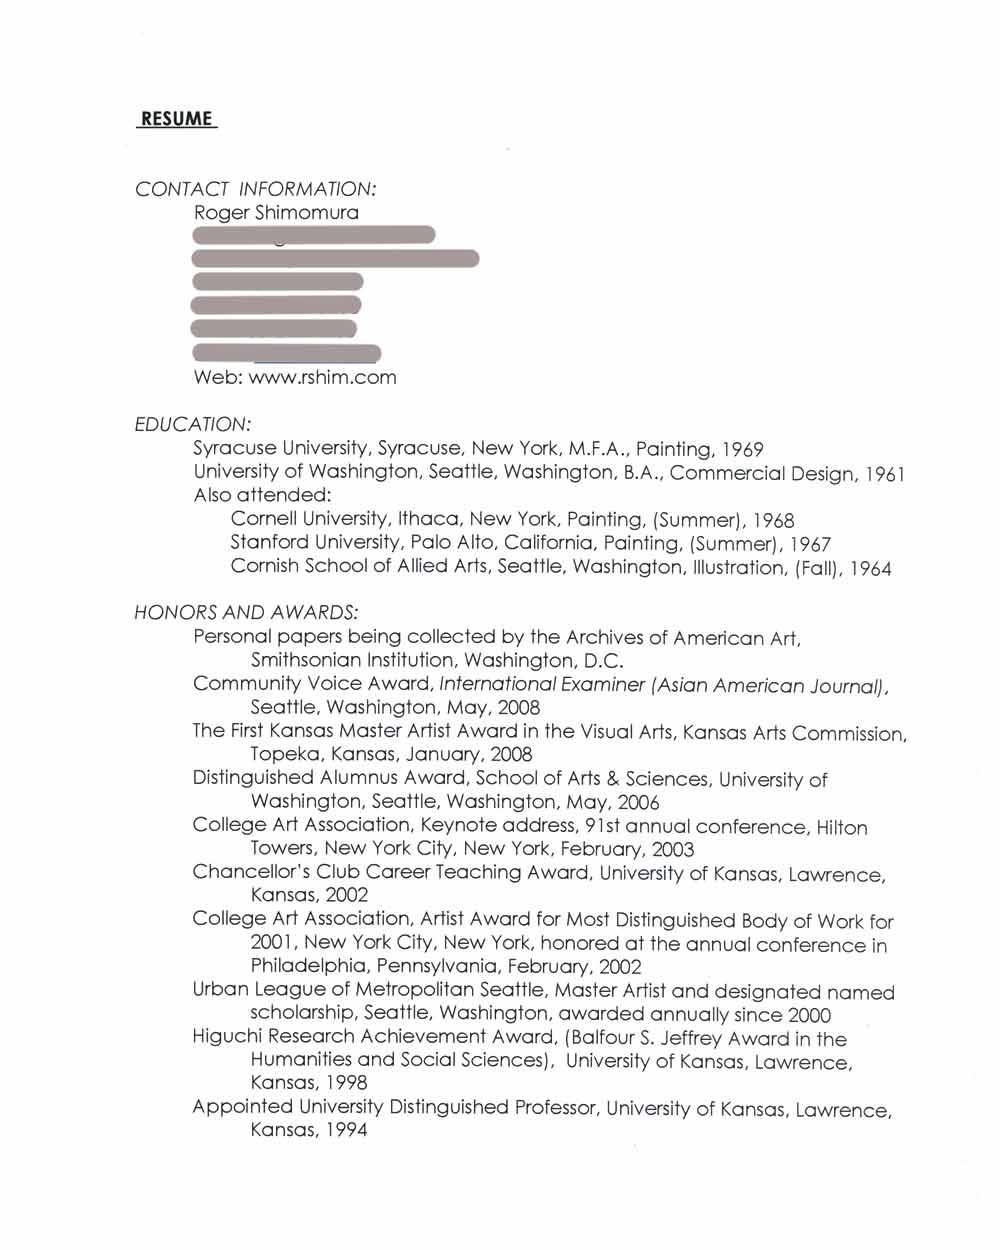 Roger Shimomura's Resume, pg 1